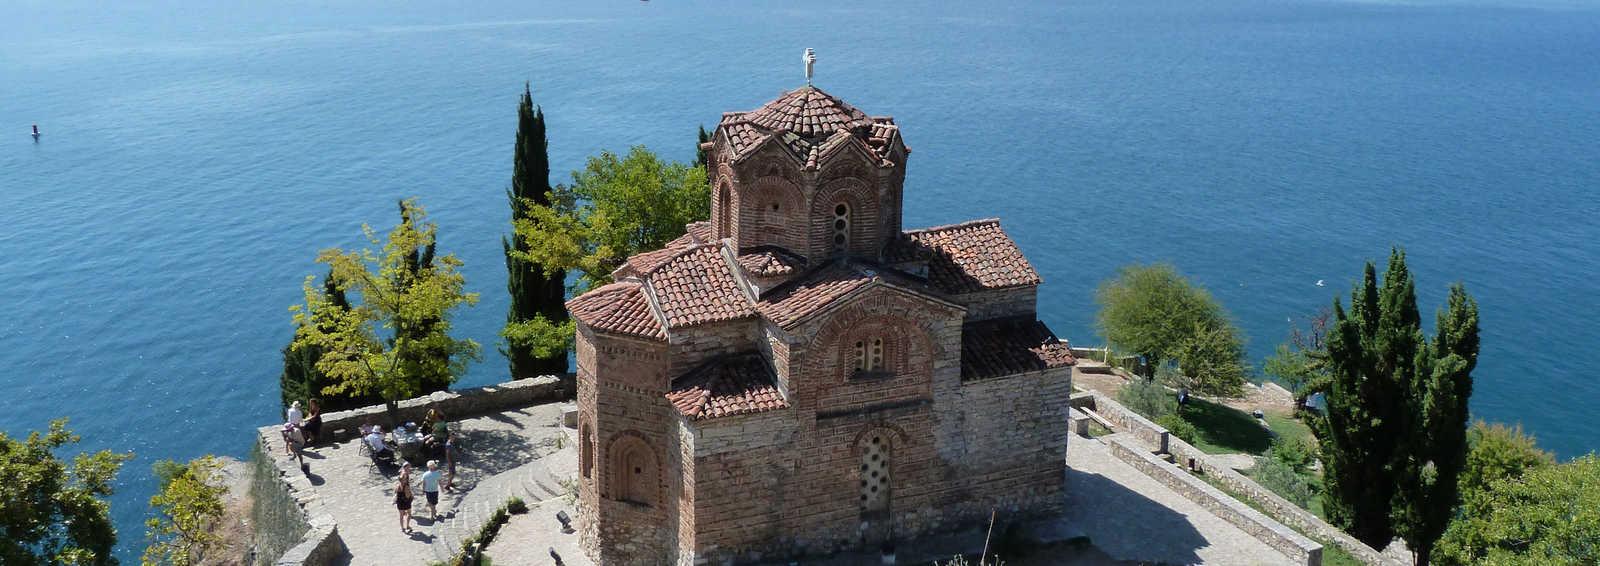 Church of St John at Kaneo, on Lake Ohrid